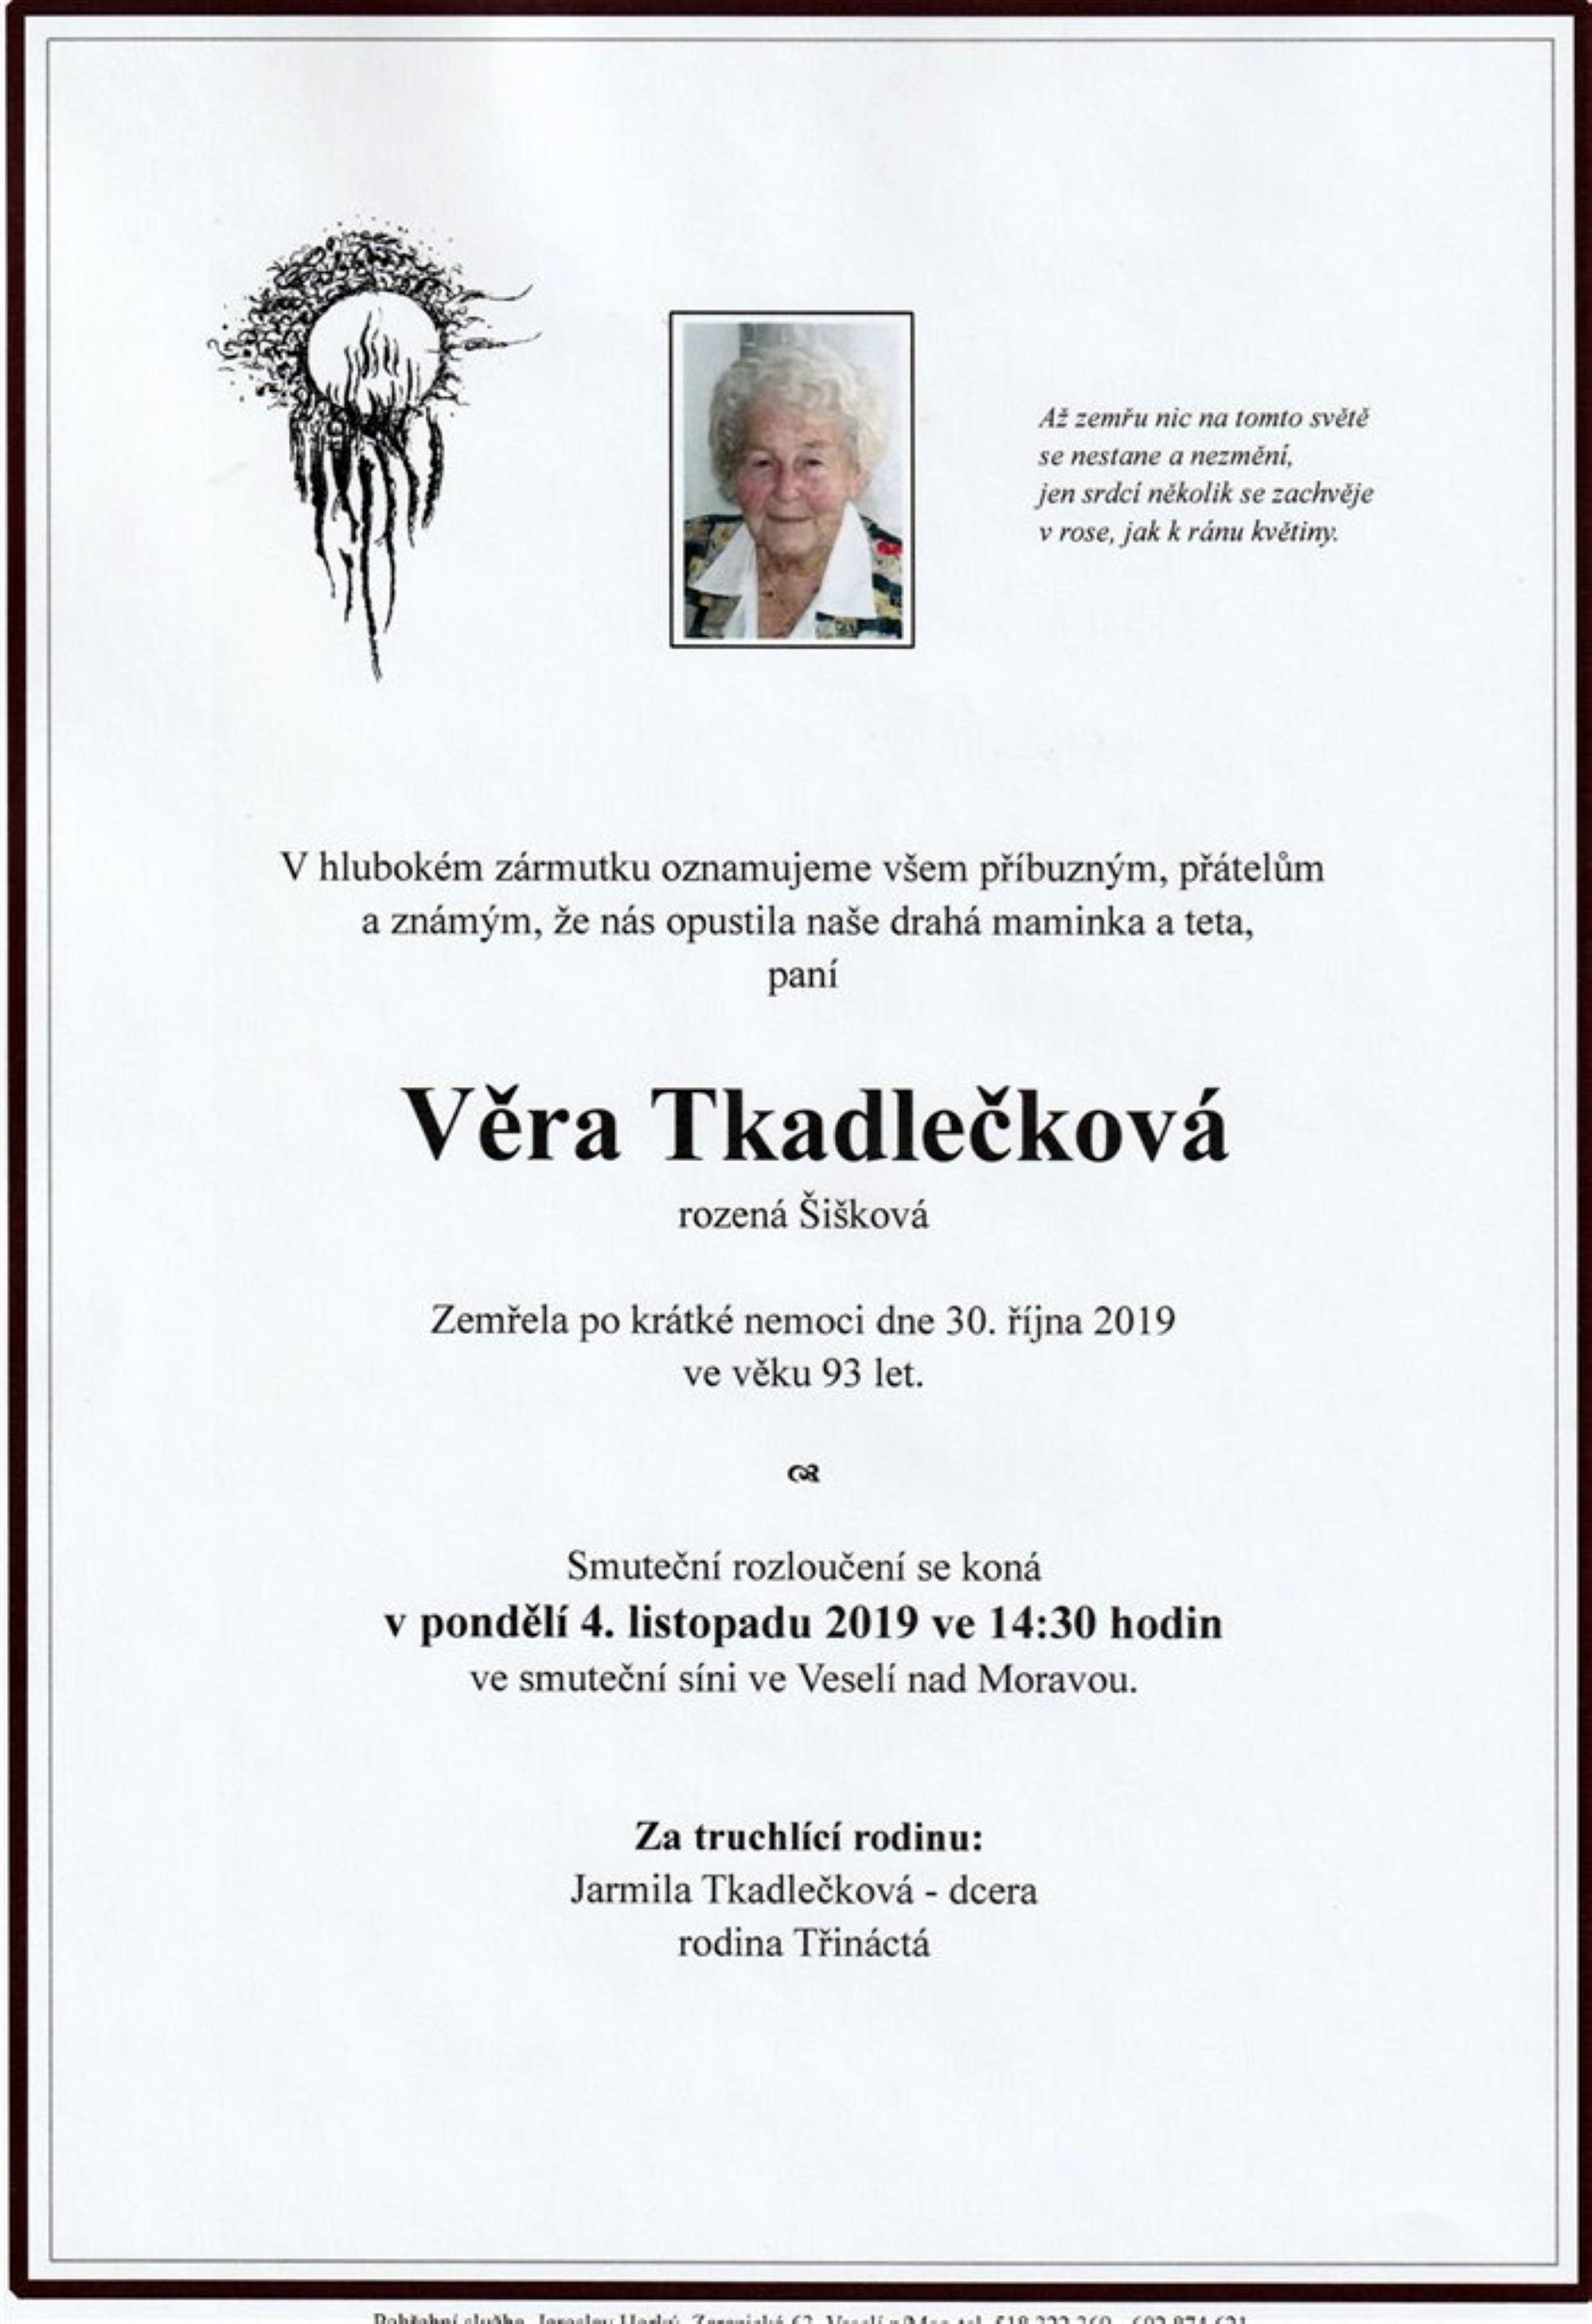 Věra Tkadlečková